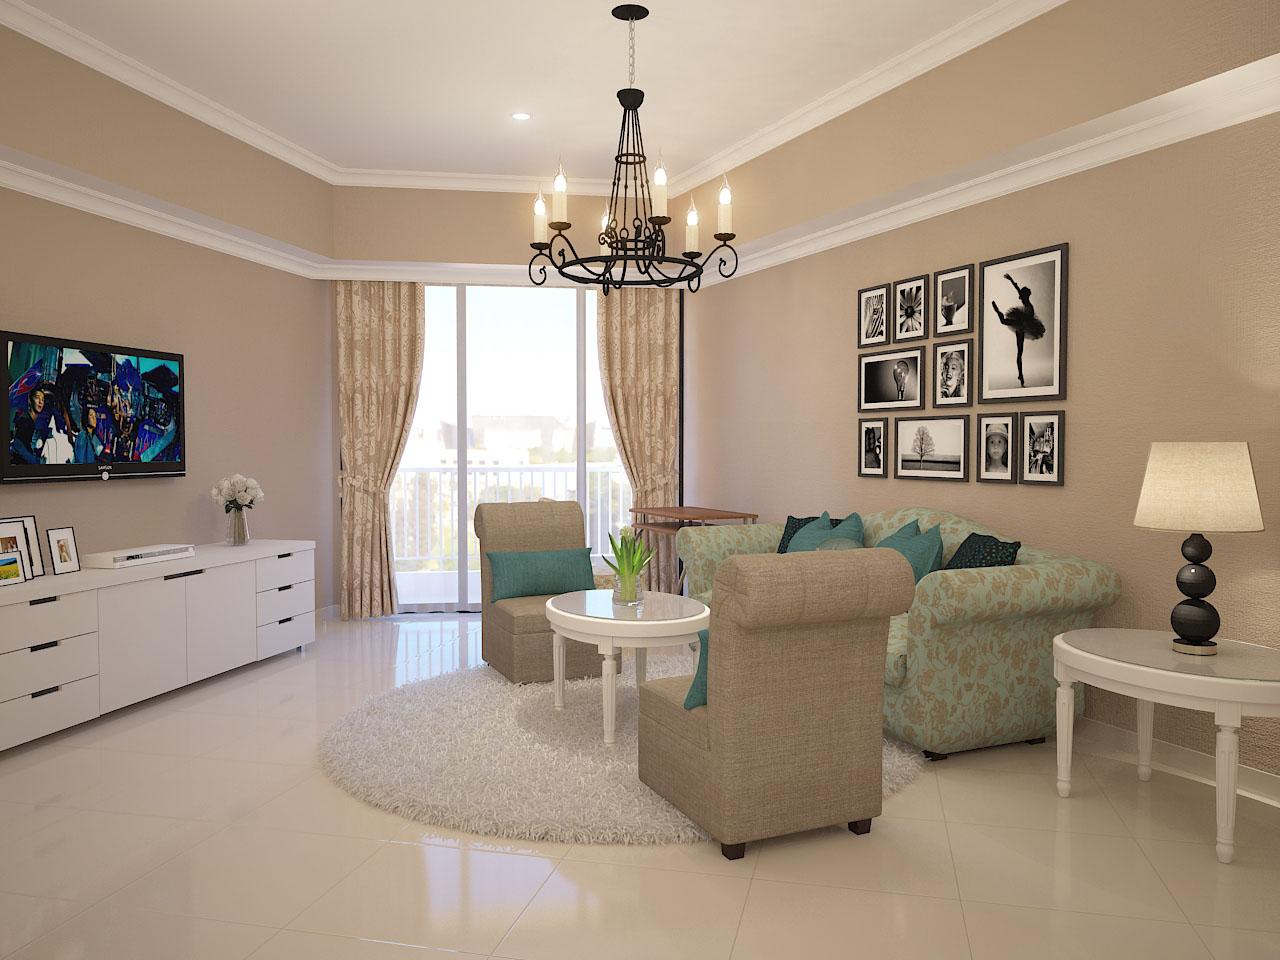 Aud-Living-Room.jpg